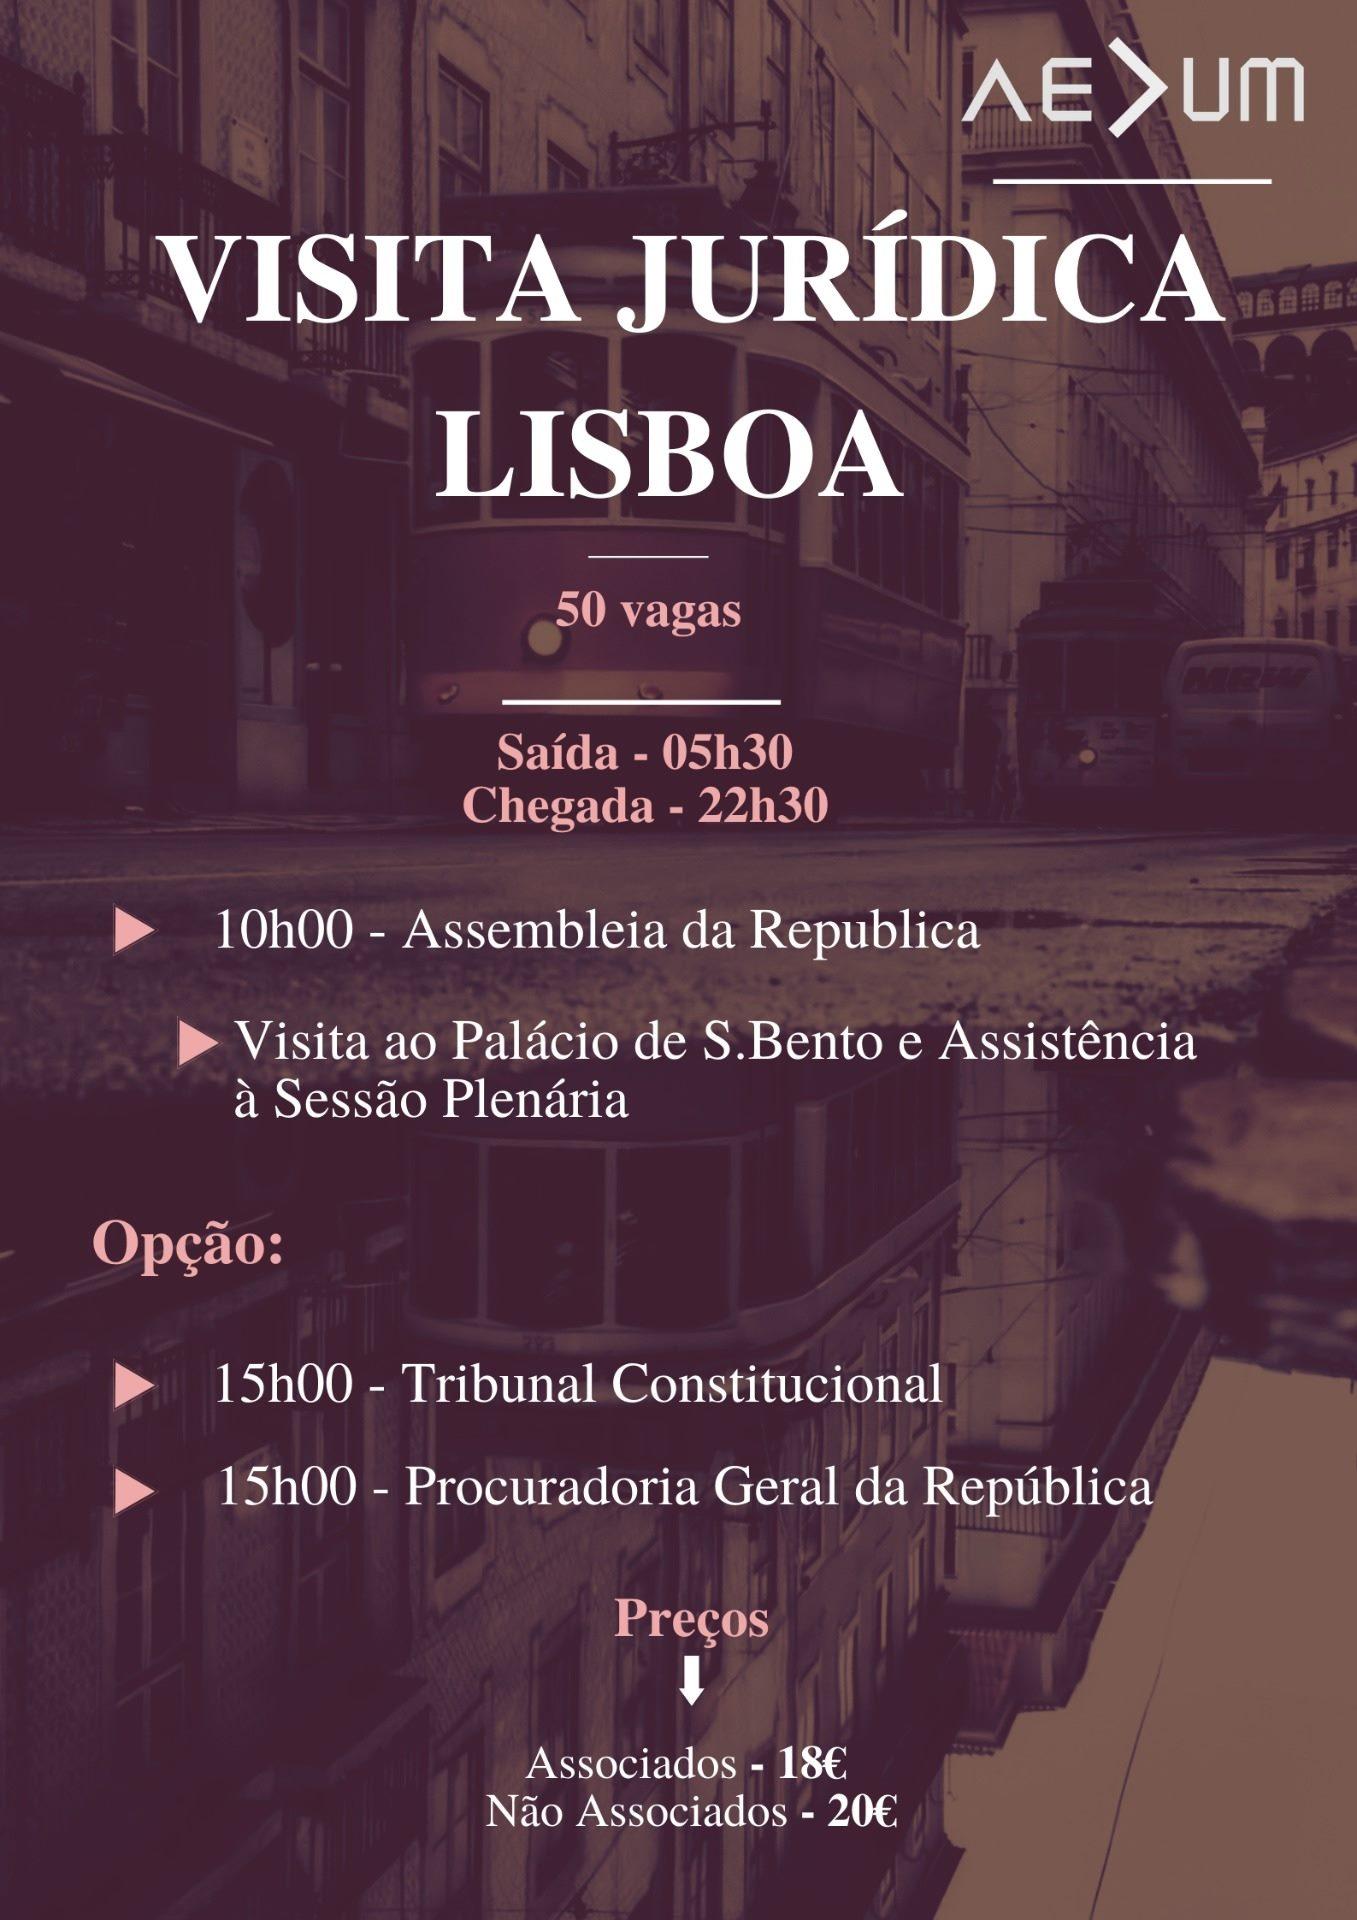 Visita Jurídica a Lisboa